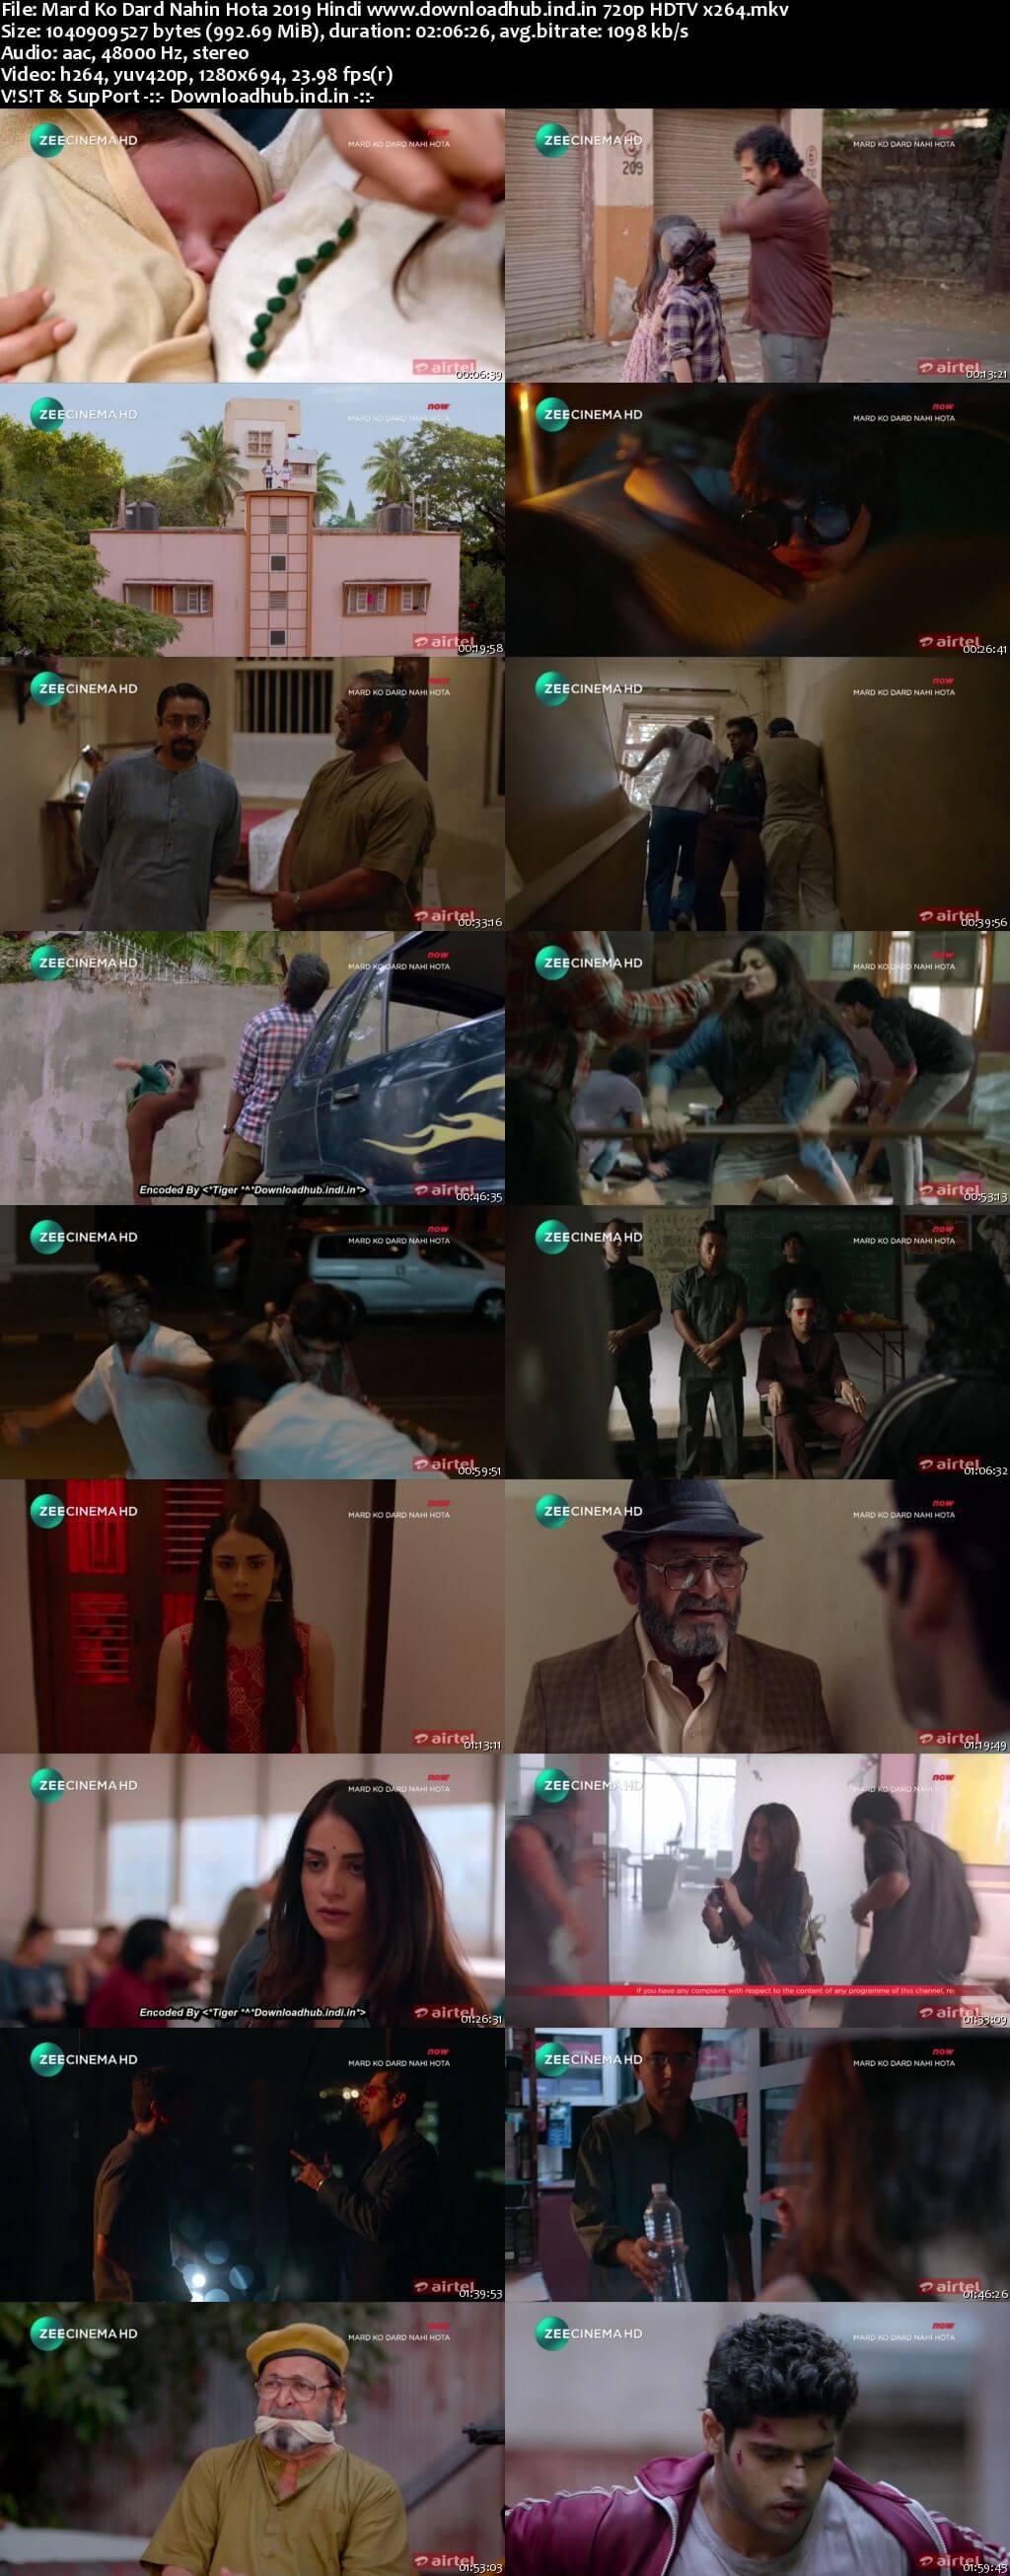 Mard Ko Dard Nahin Hota 2019 Hindi 720p HDTV x264